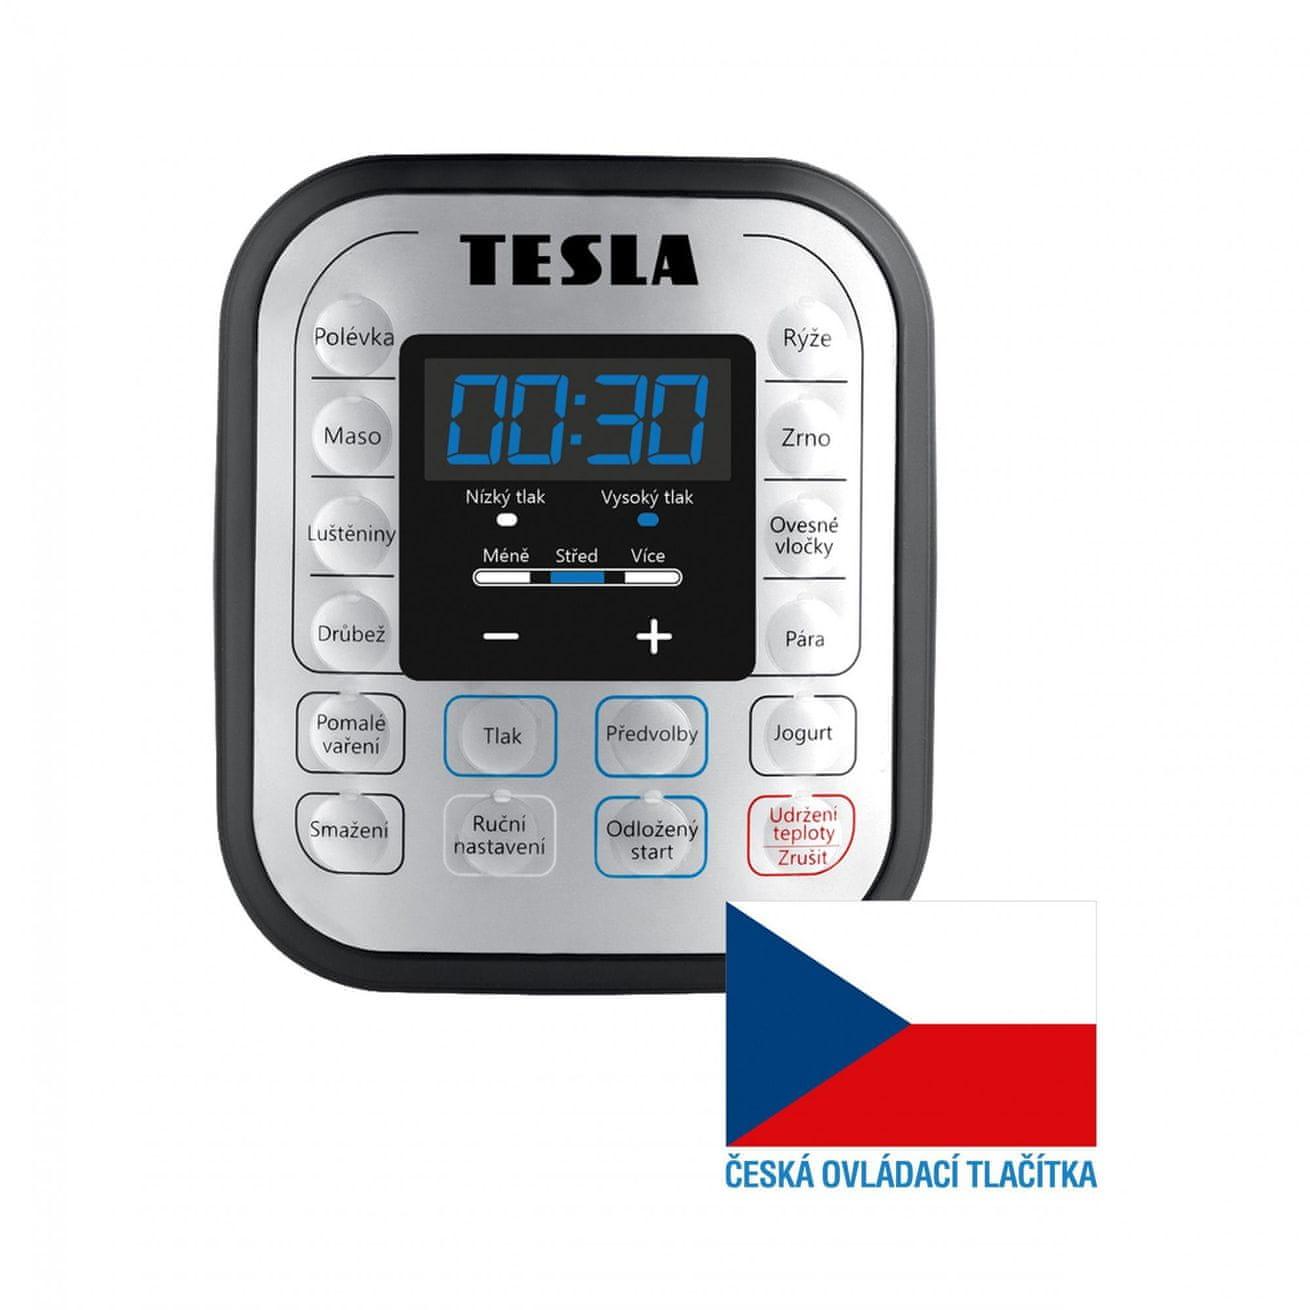 TESLA EliteCook K70 tlačítka v českém jazyce